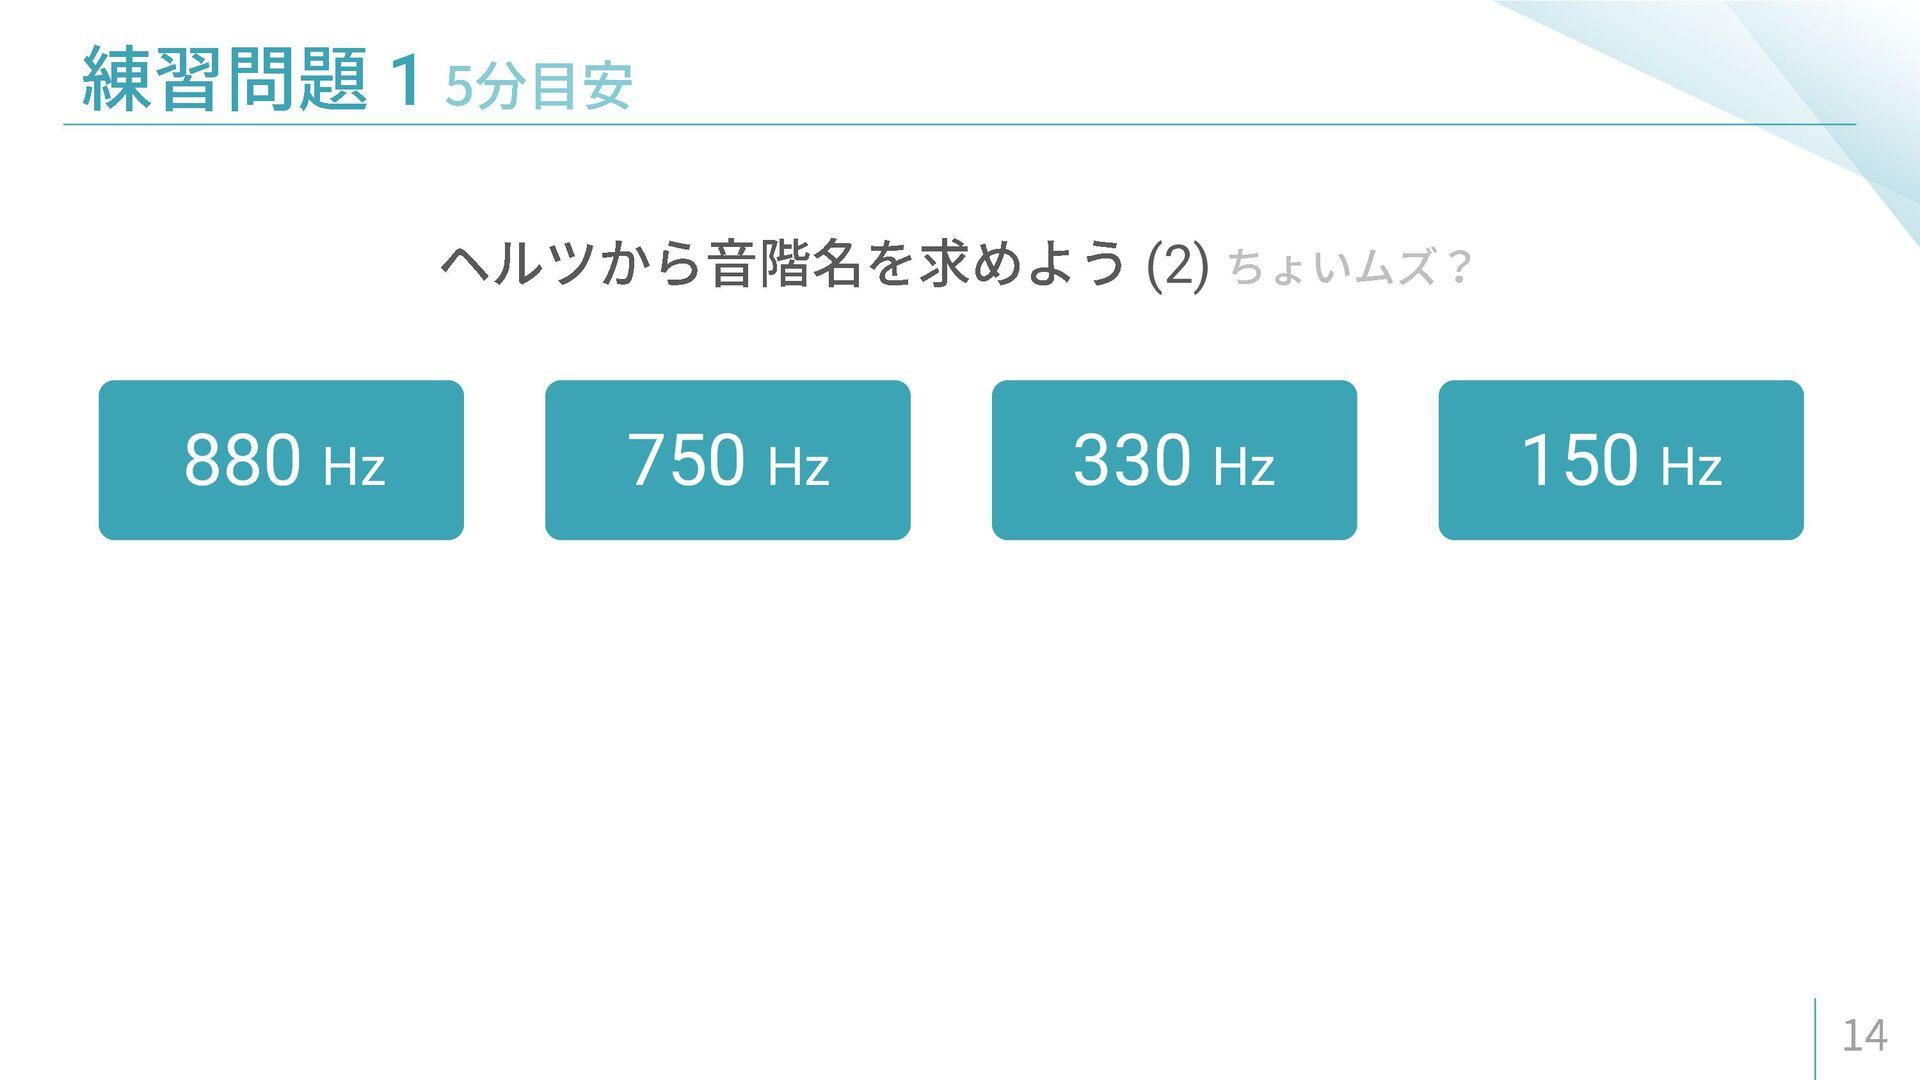 (2) 880 Hz 750 Hz 330 Hz 150 Hz